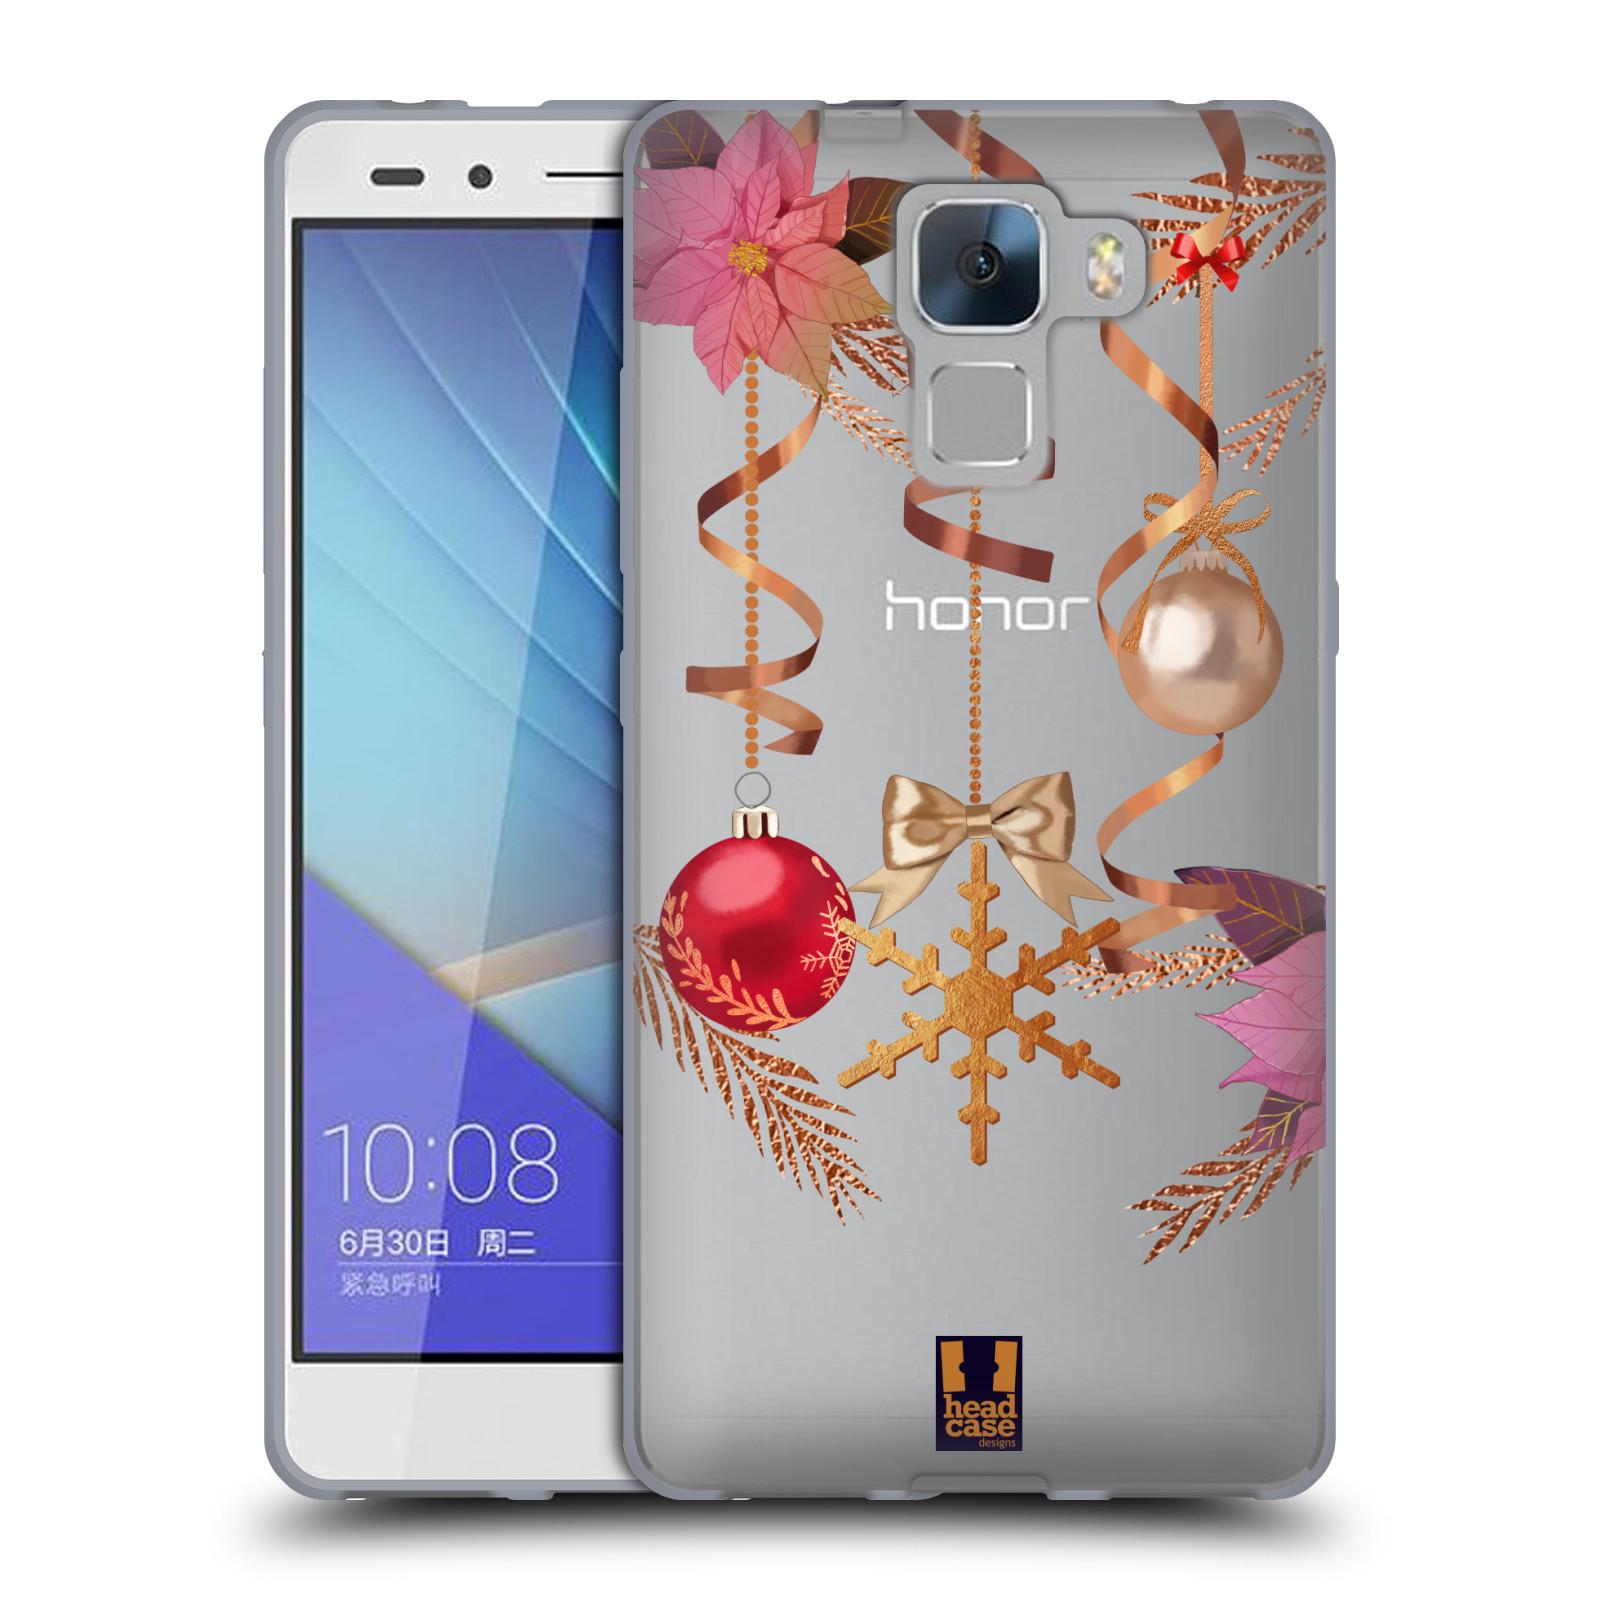 Silikonové pouzdro na mobil Honor 7 - Head Case - Vločka a vánoční ozdoby